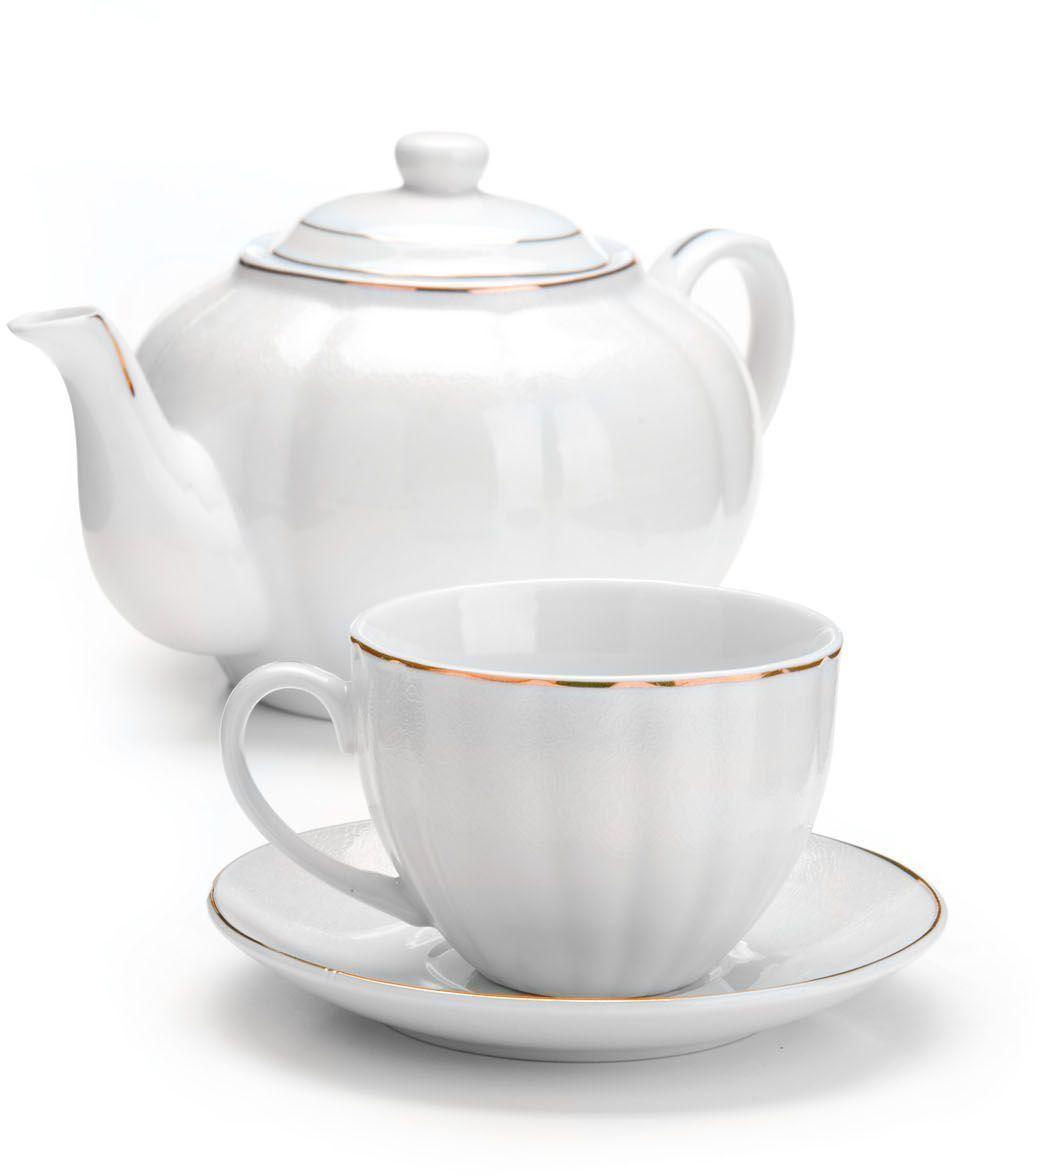 Чайный сервиз Loraine, 13 предметов (220 мл + чайник 1 л). 2642121395599Чайный набор Loraine на 6 персон, изготовленный из высококачественной керамики изысканного белого цвета, состоит из 6 чашек, 6 блюдец и 1-го чайника. Изделия набора украшены тонкой золотой каймой и имеют красивый и нежный дизайн. Набор придется по вкусу и ценителям классики, и тем, кто предпочитает утонченность и изысканность. Он настроит на позитивный лад и подарит хорошее настроение с самого утра. Набор упакован в подарочную упаковку. Такой чайный набор станет прекрасным украшением стола, а процесс чаепития превратится в одно удовольствие! Это замечательный выбор для подарка родным и друзьям!